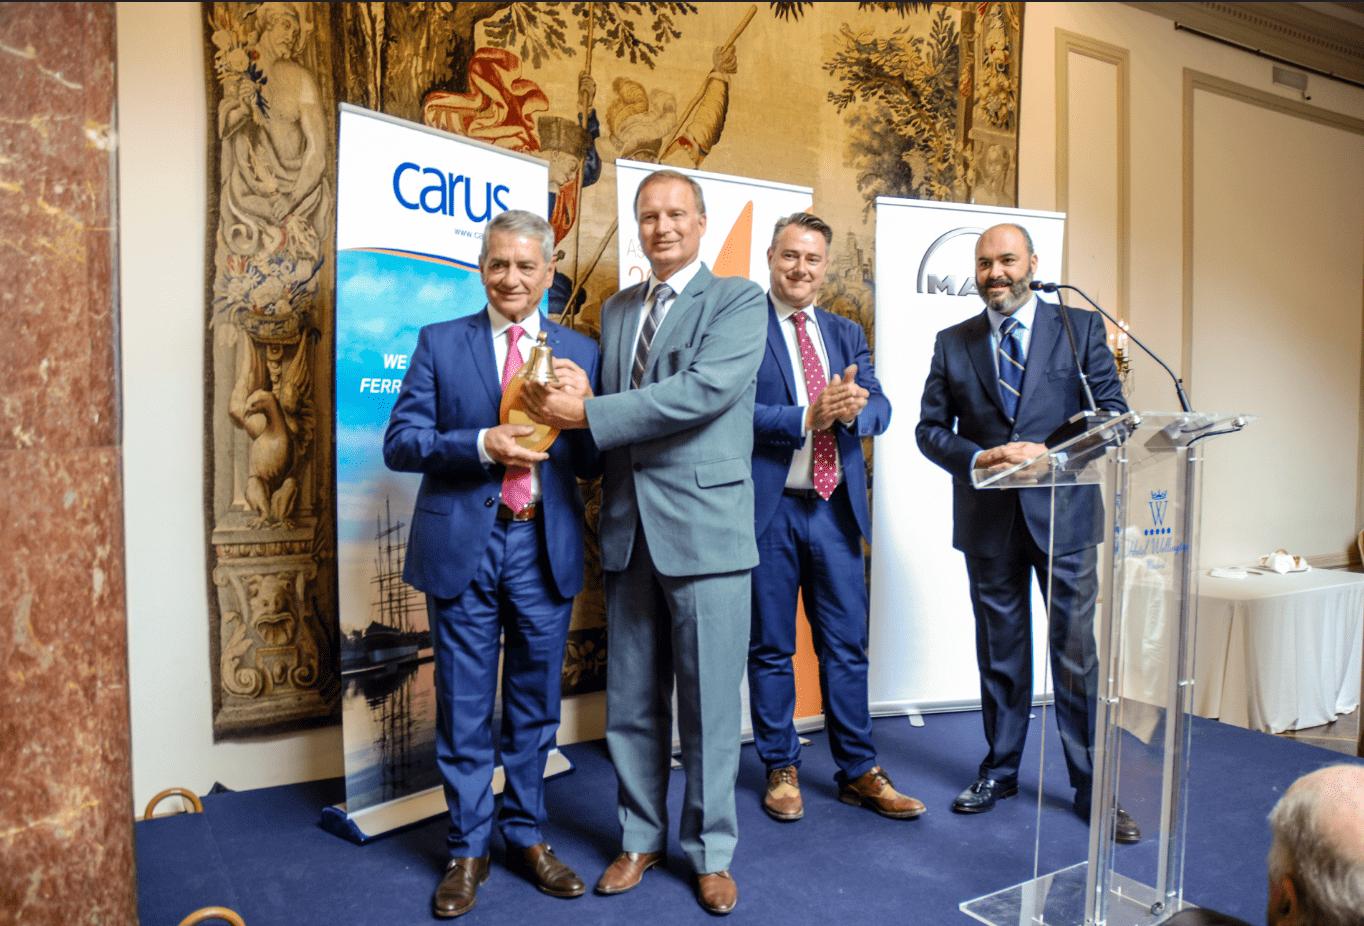 Antonio Armas recibe el premio comercial Carus Excellence Award 2018